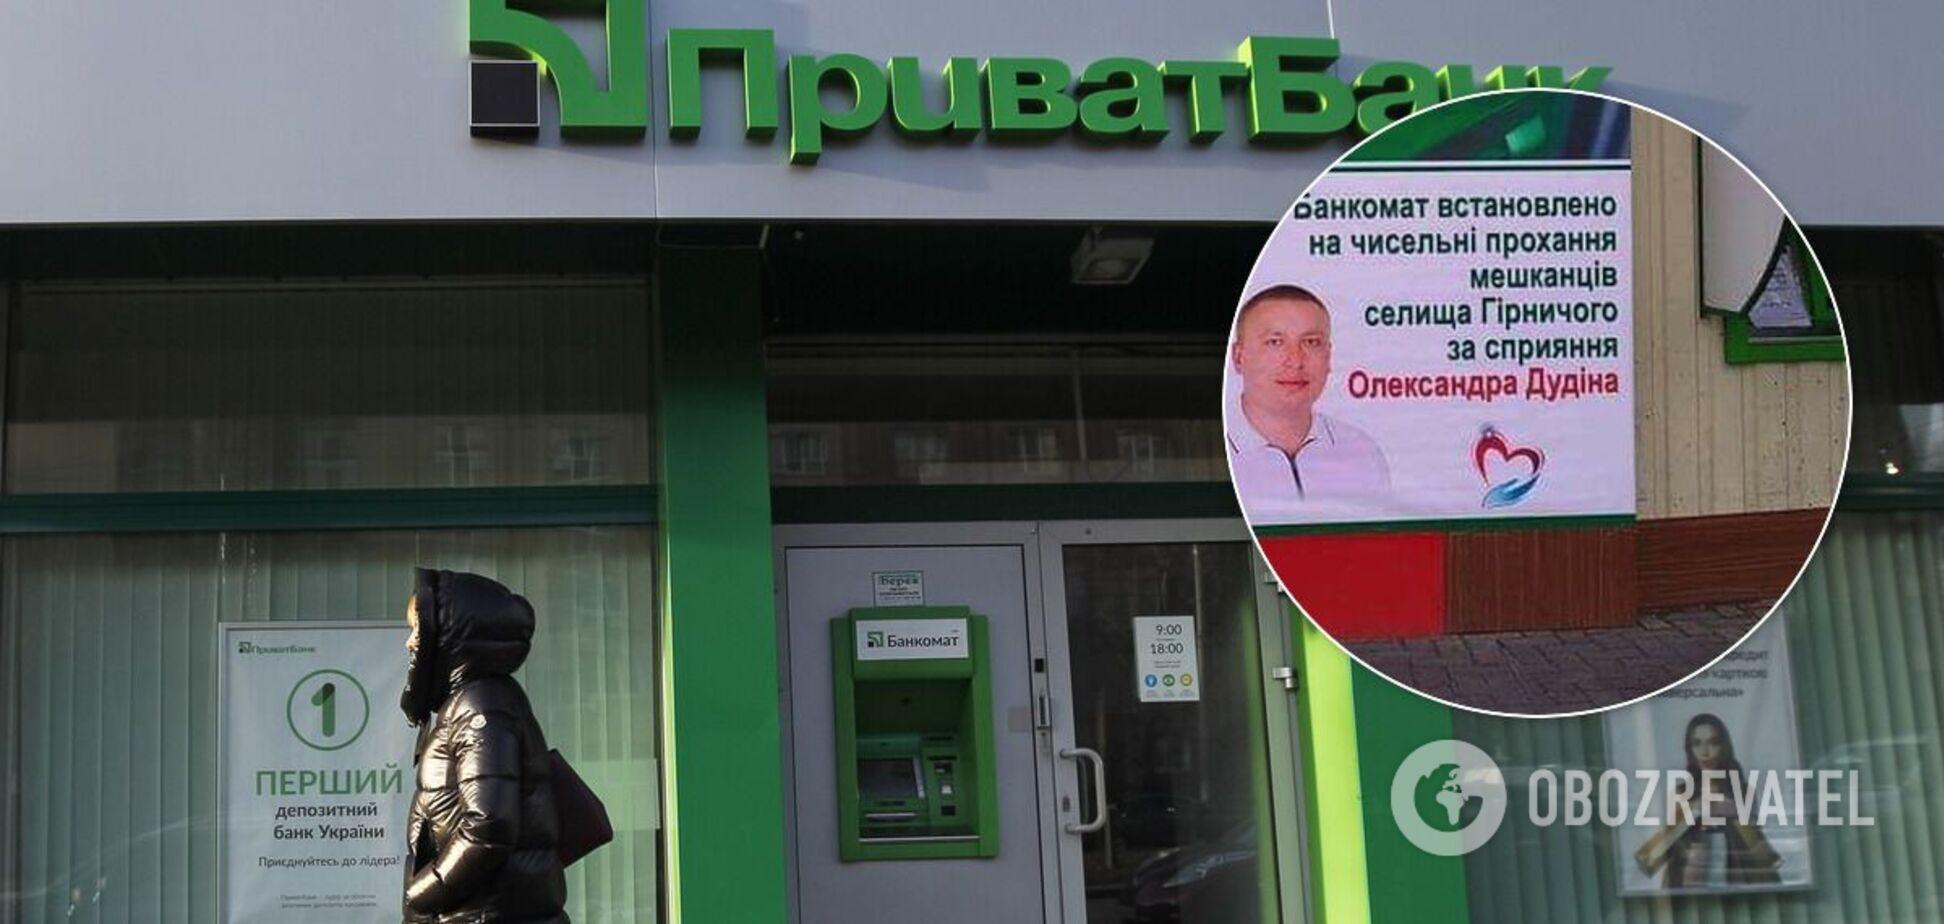 Підприємець з Кропивницького похвалився банкоматом ПриватБанку